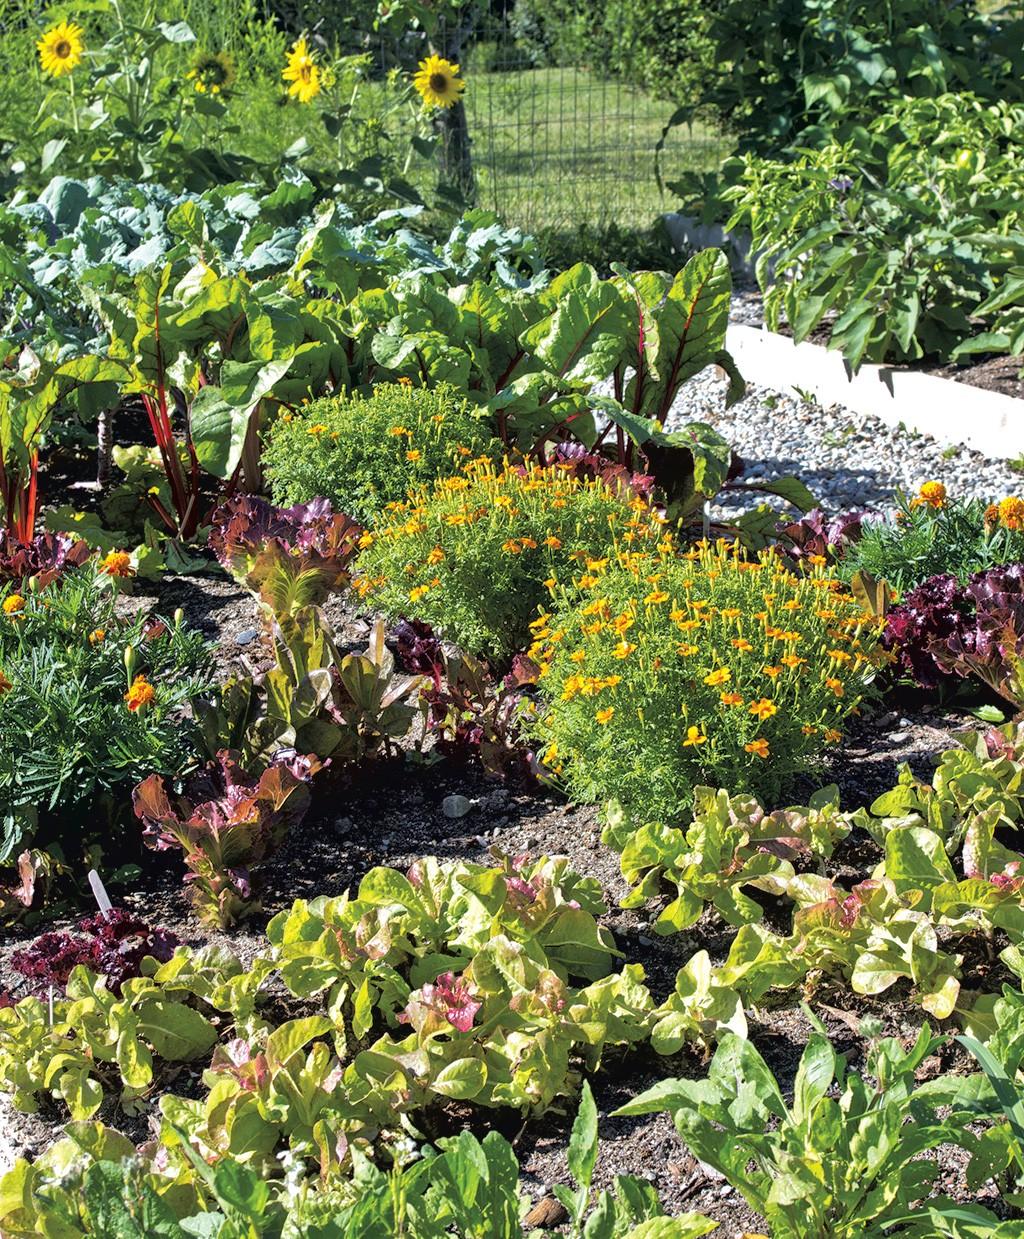 Jardines de flores de patio trasero - Ideas de decoración de la casa